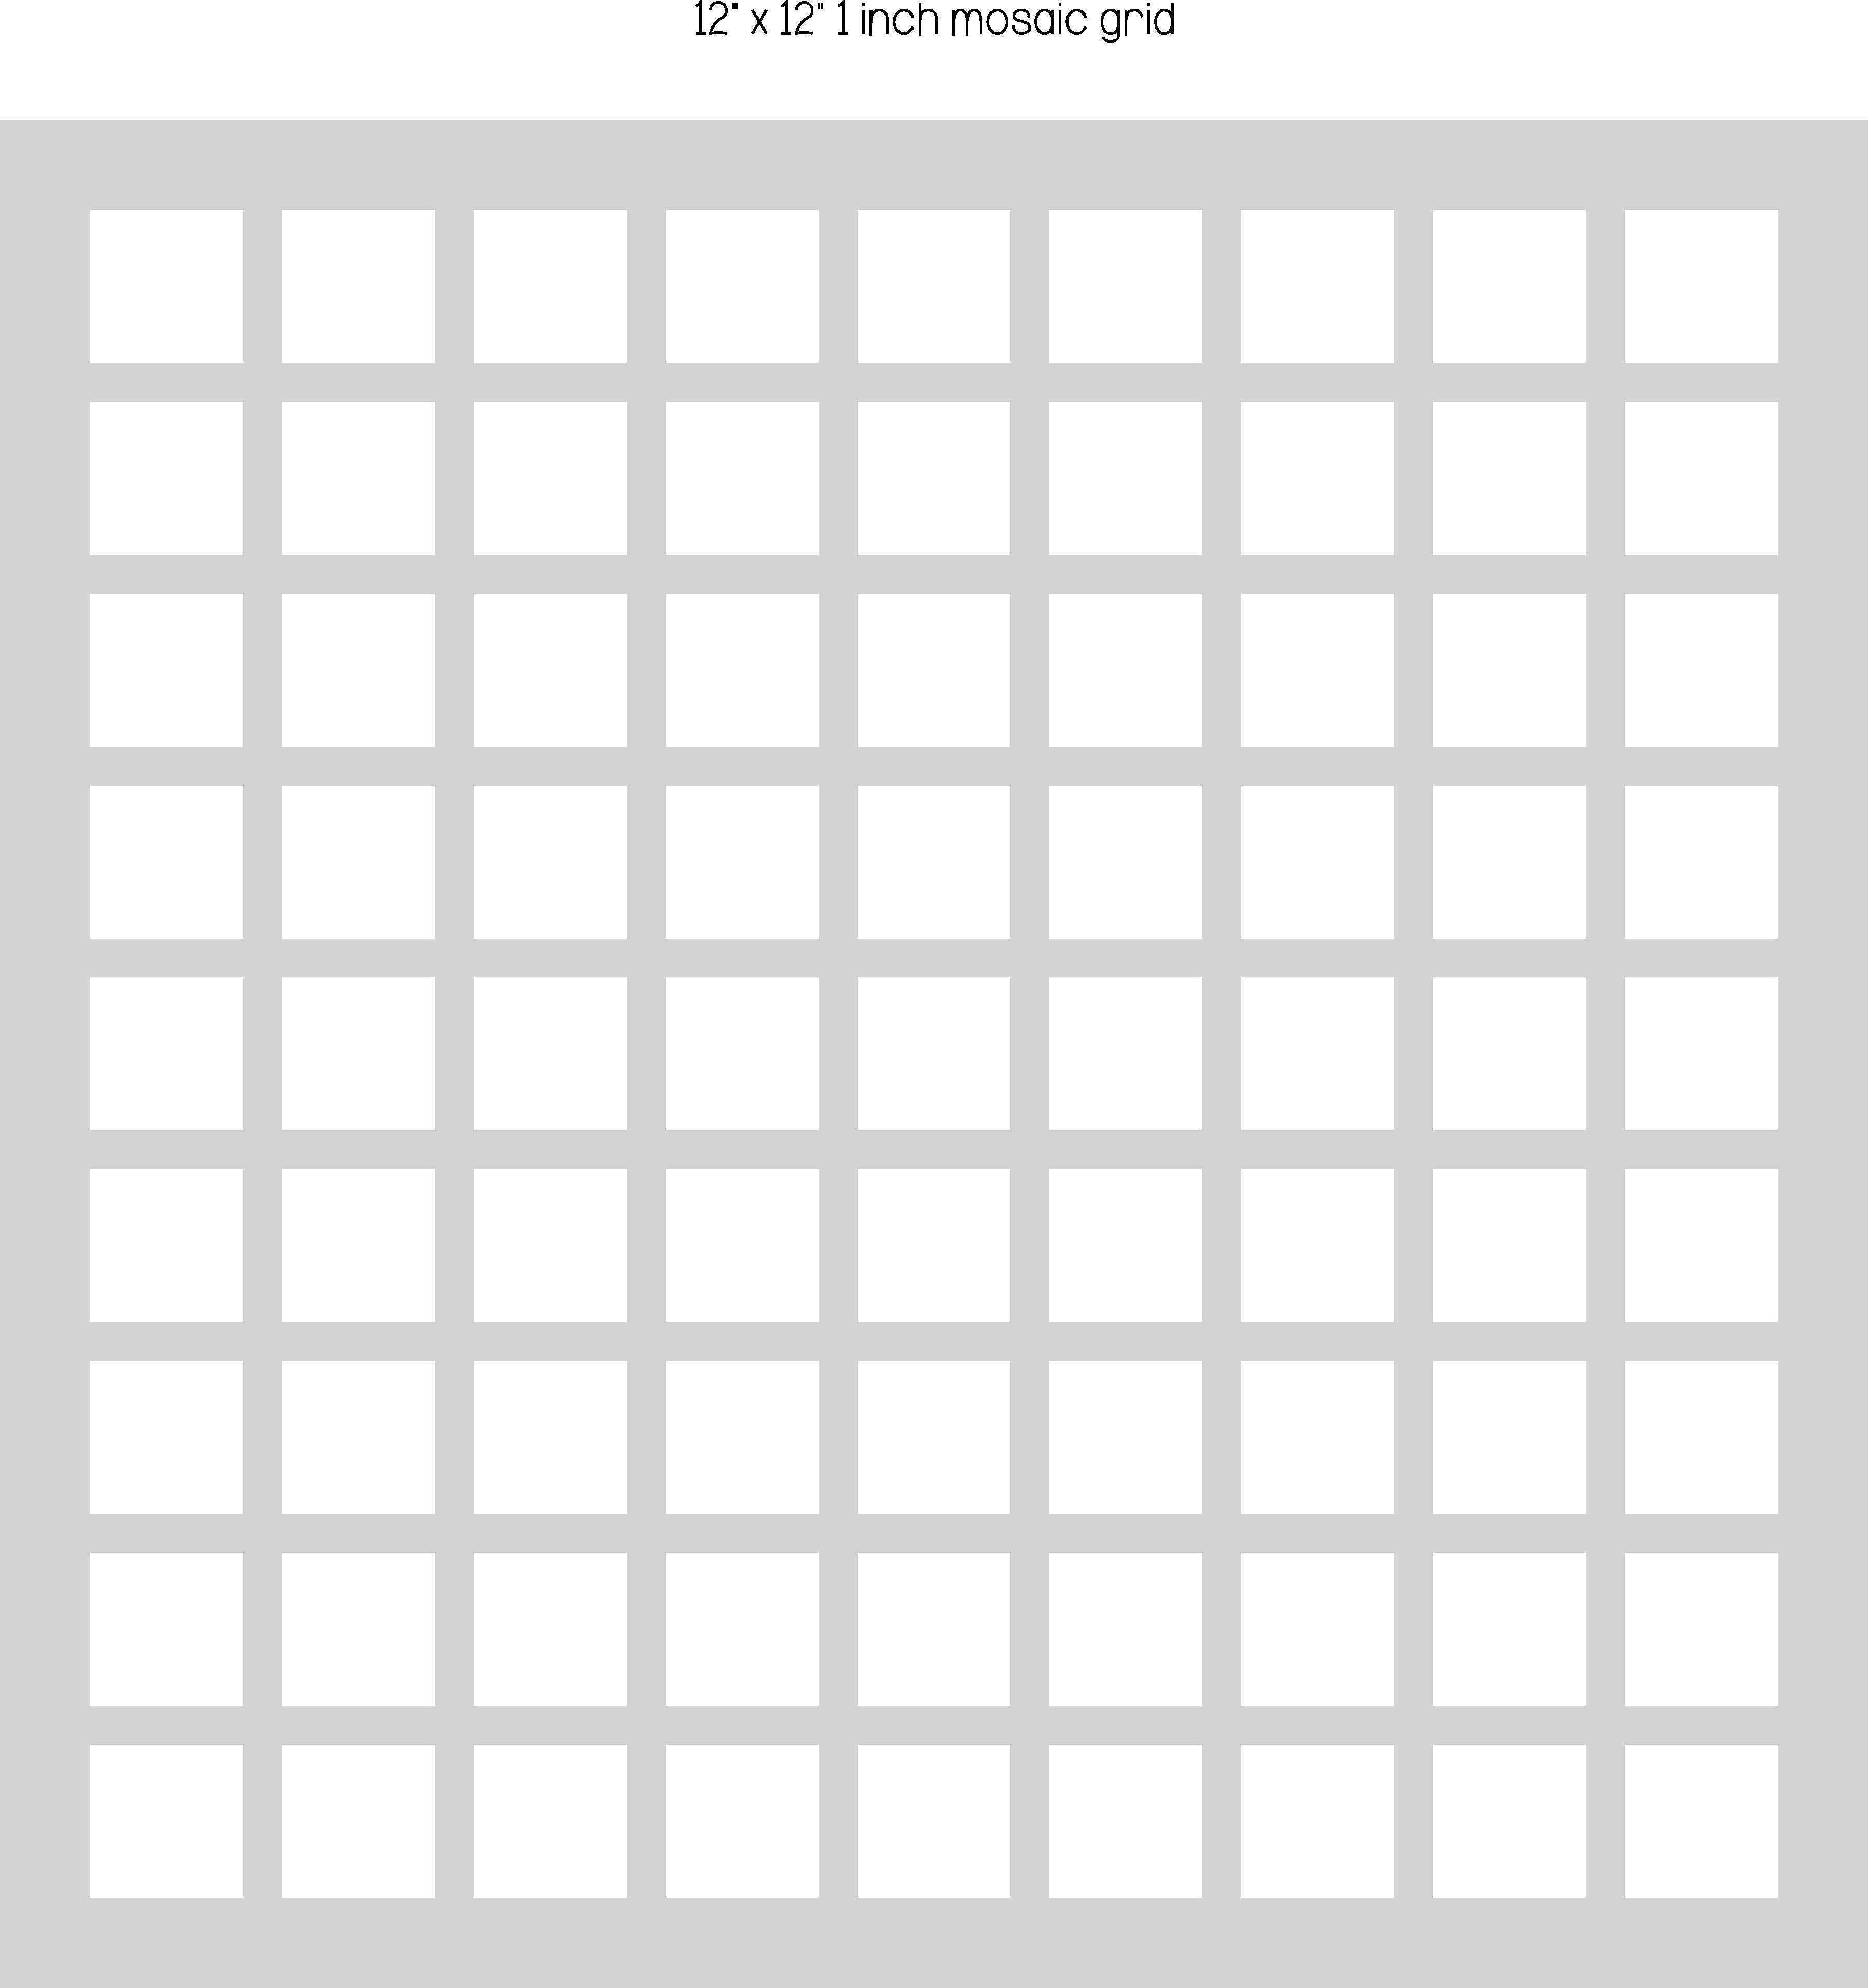 12x12 One Inch Mosaic